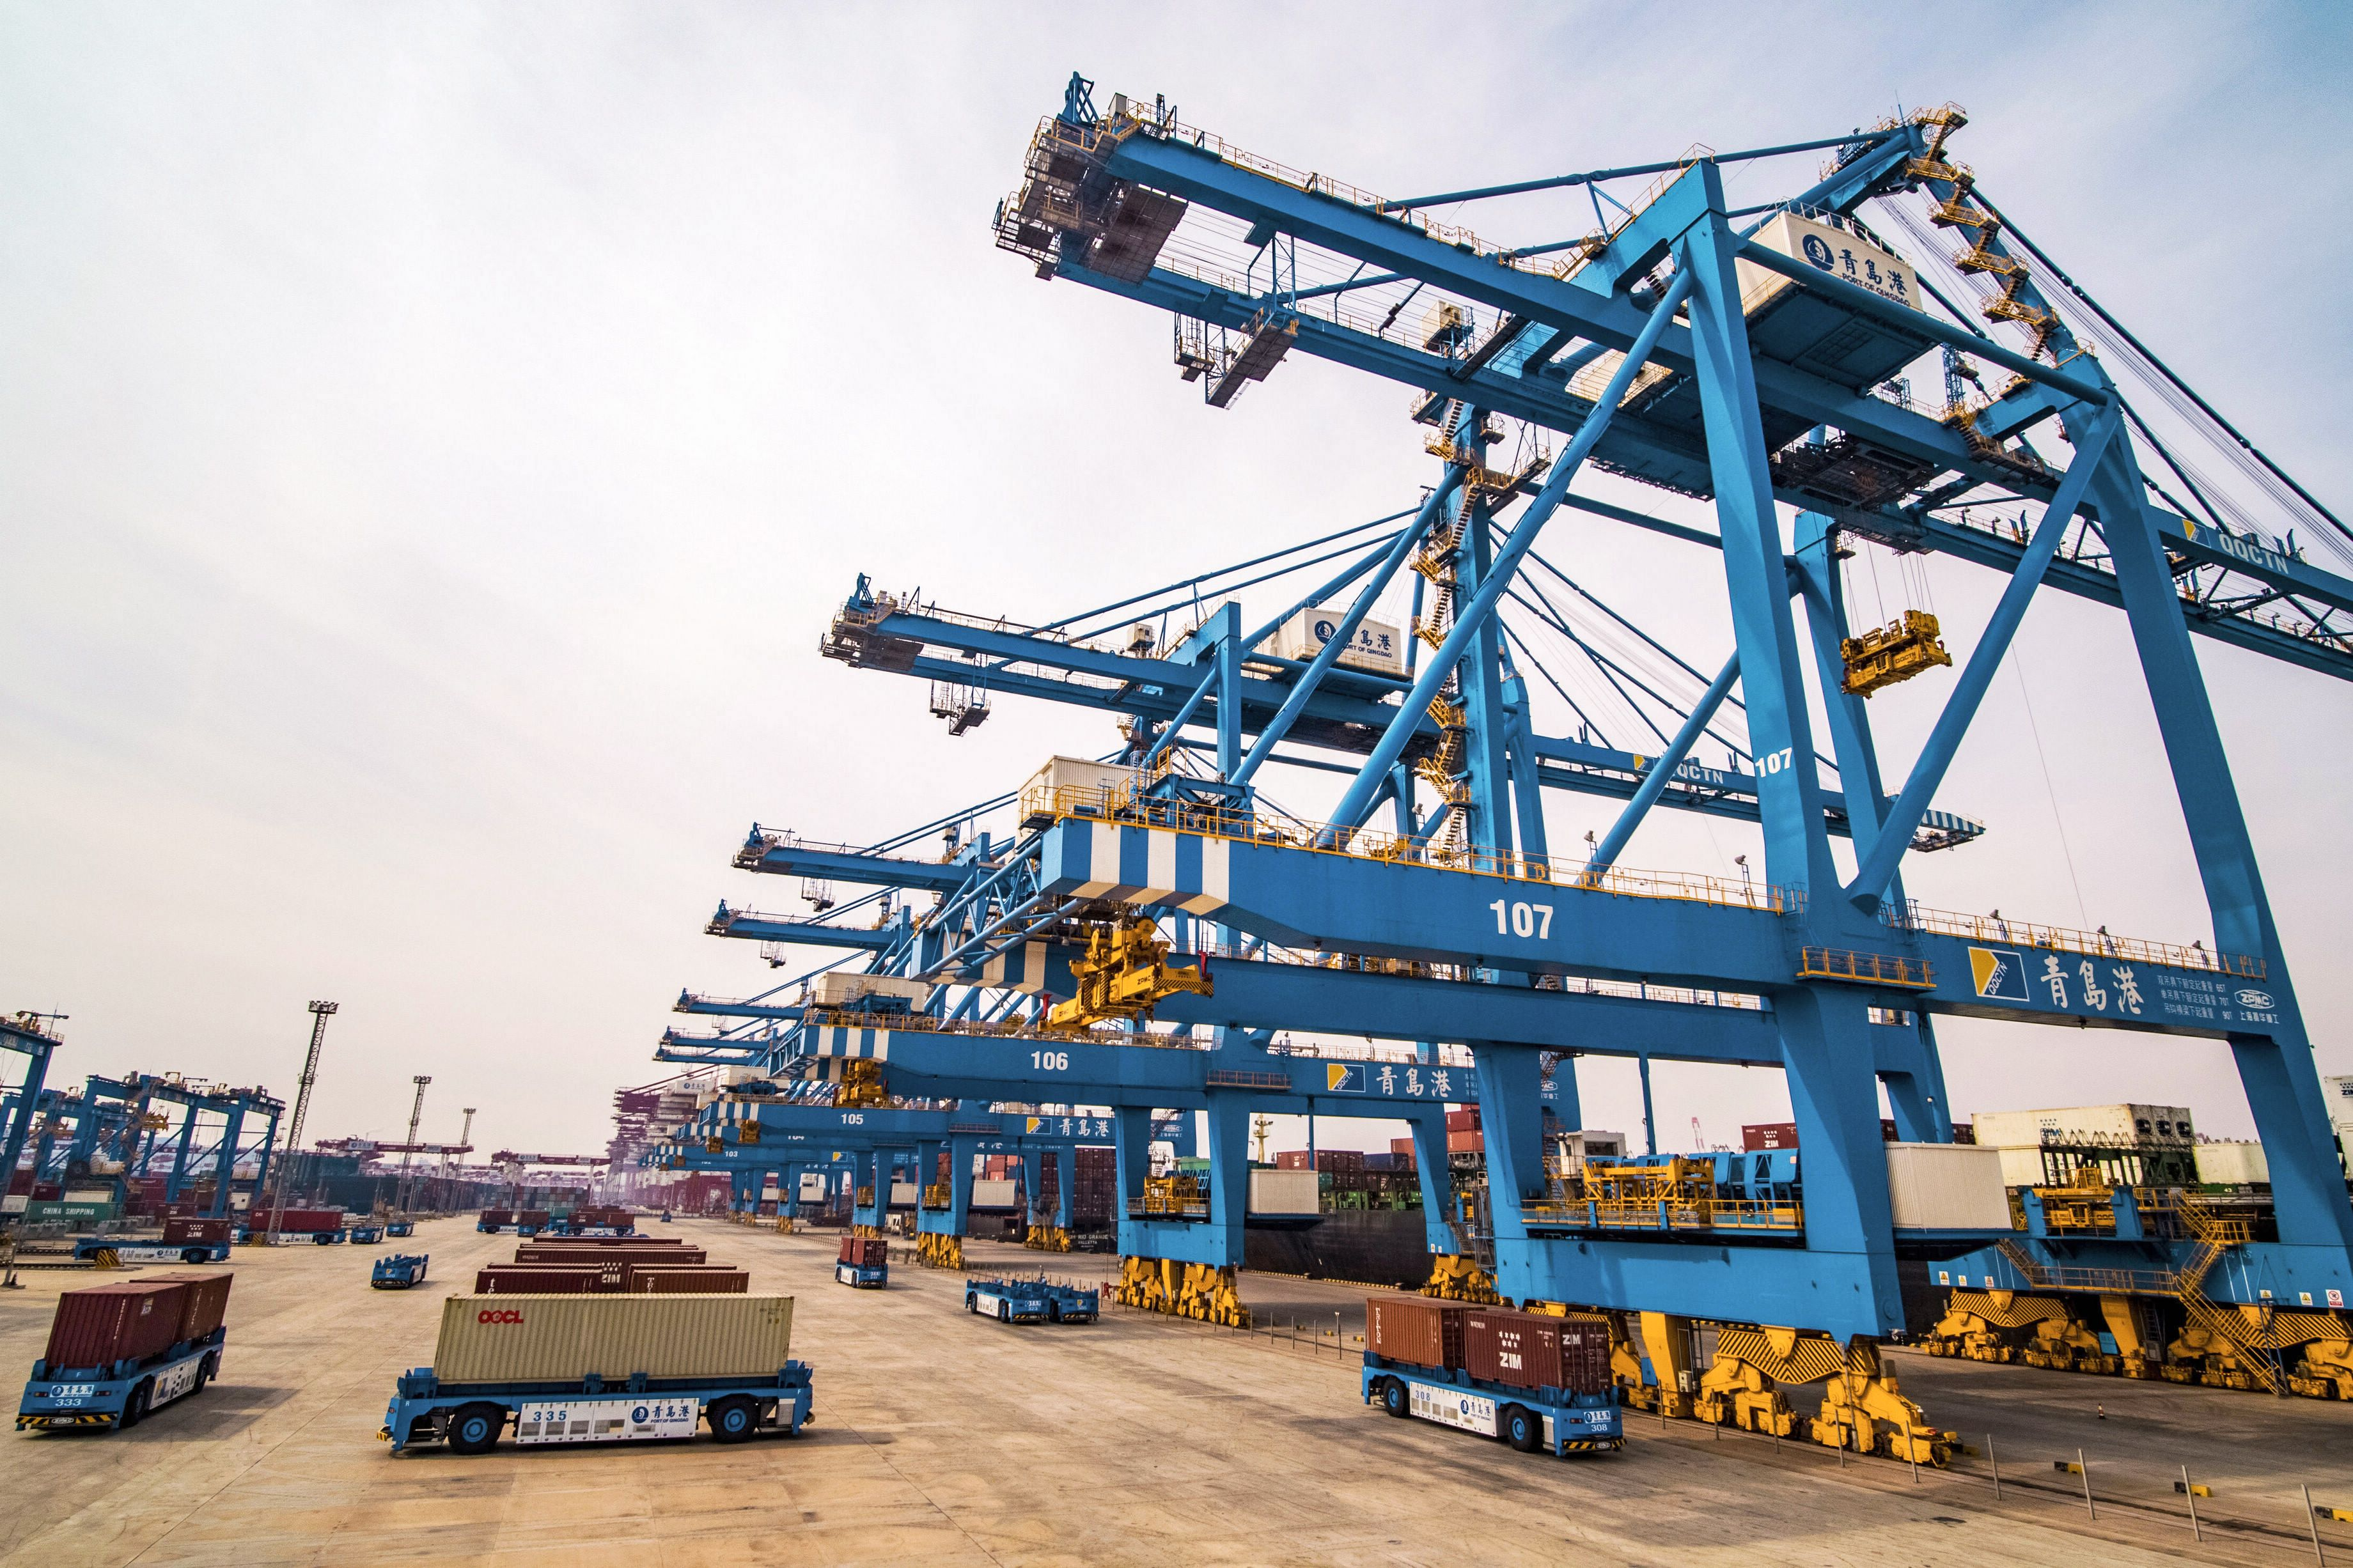 分析:習特會前景不明 貿易戰持續升級?